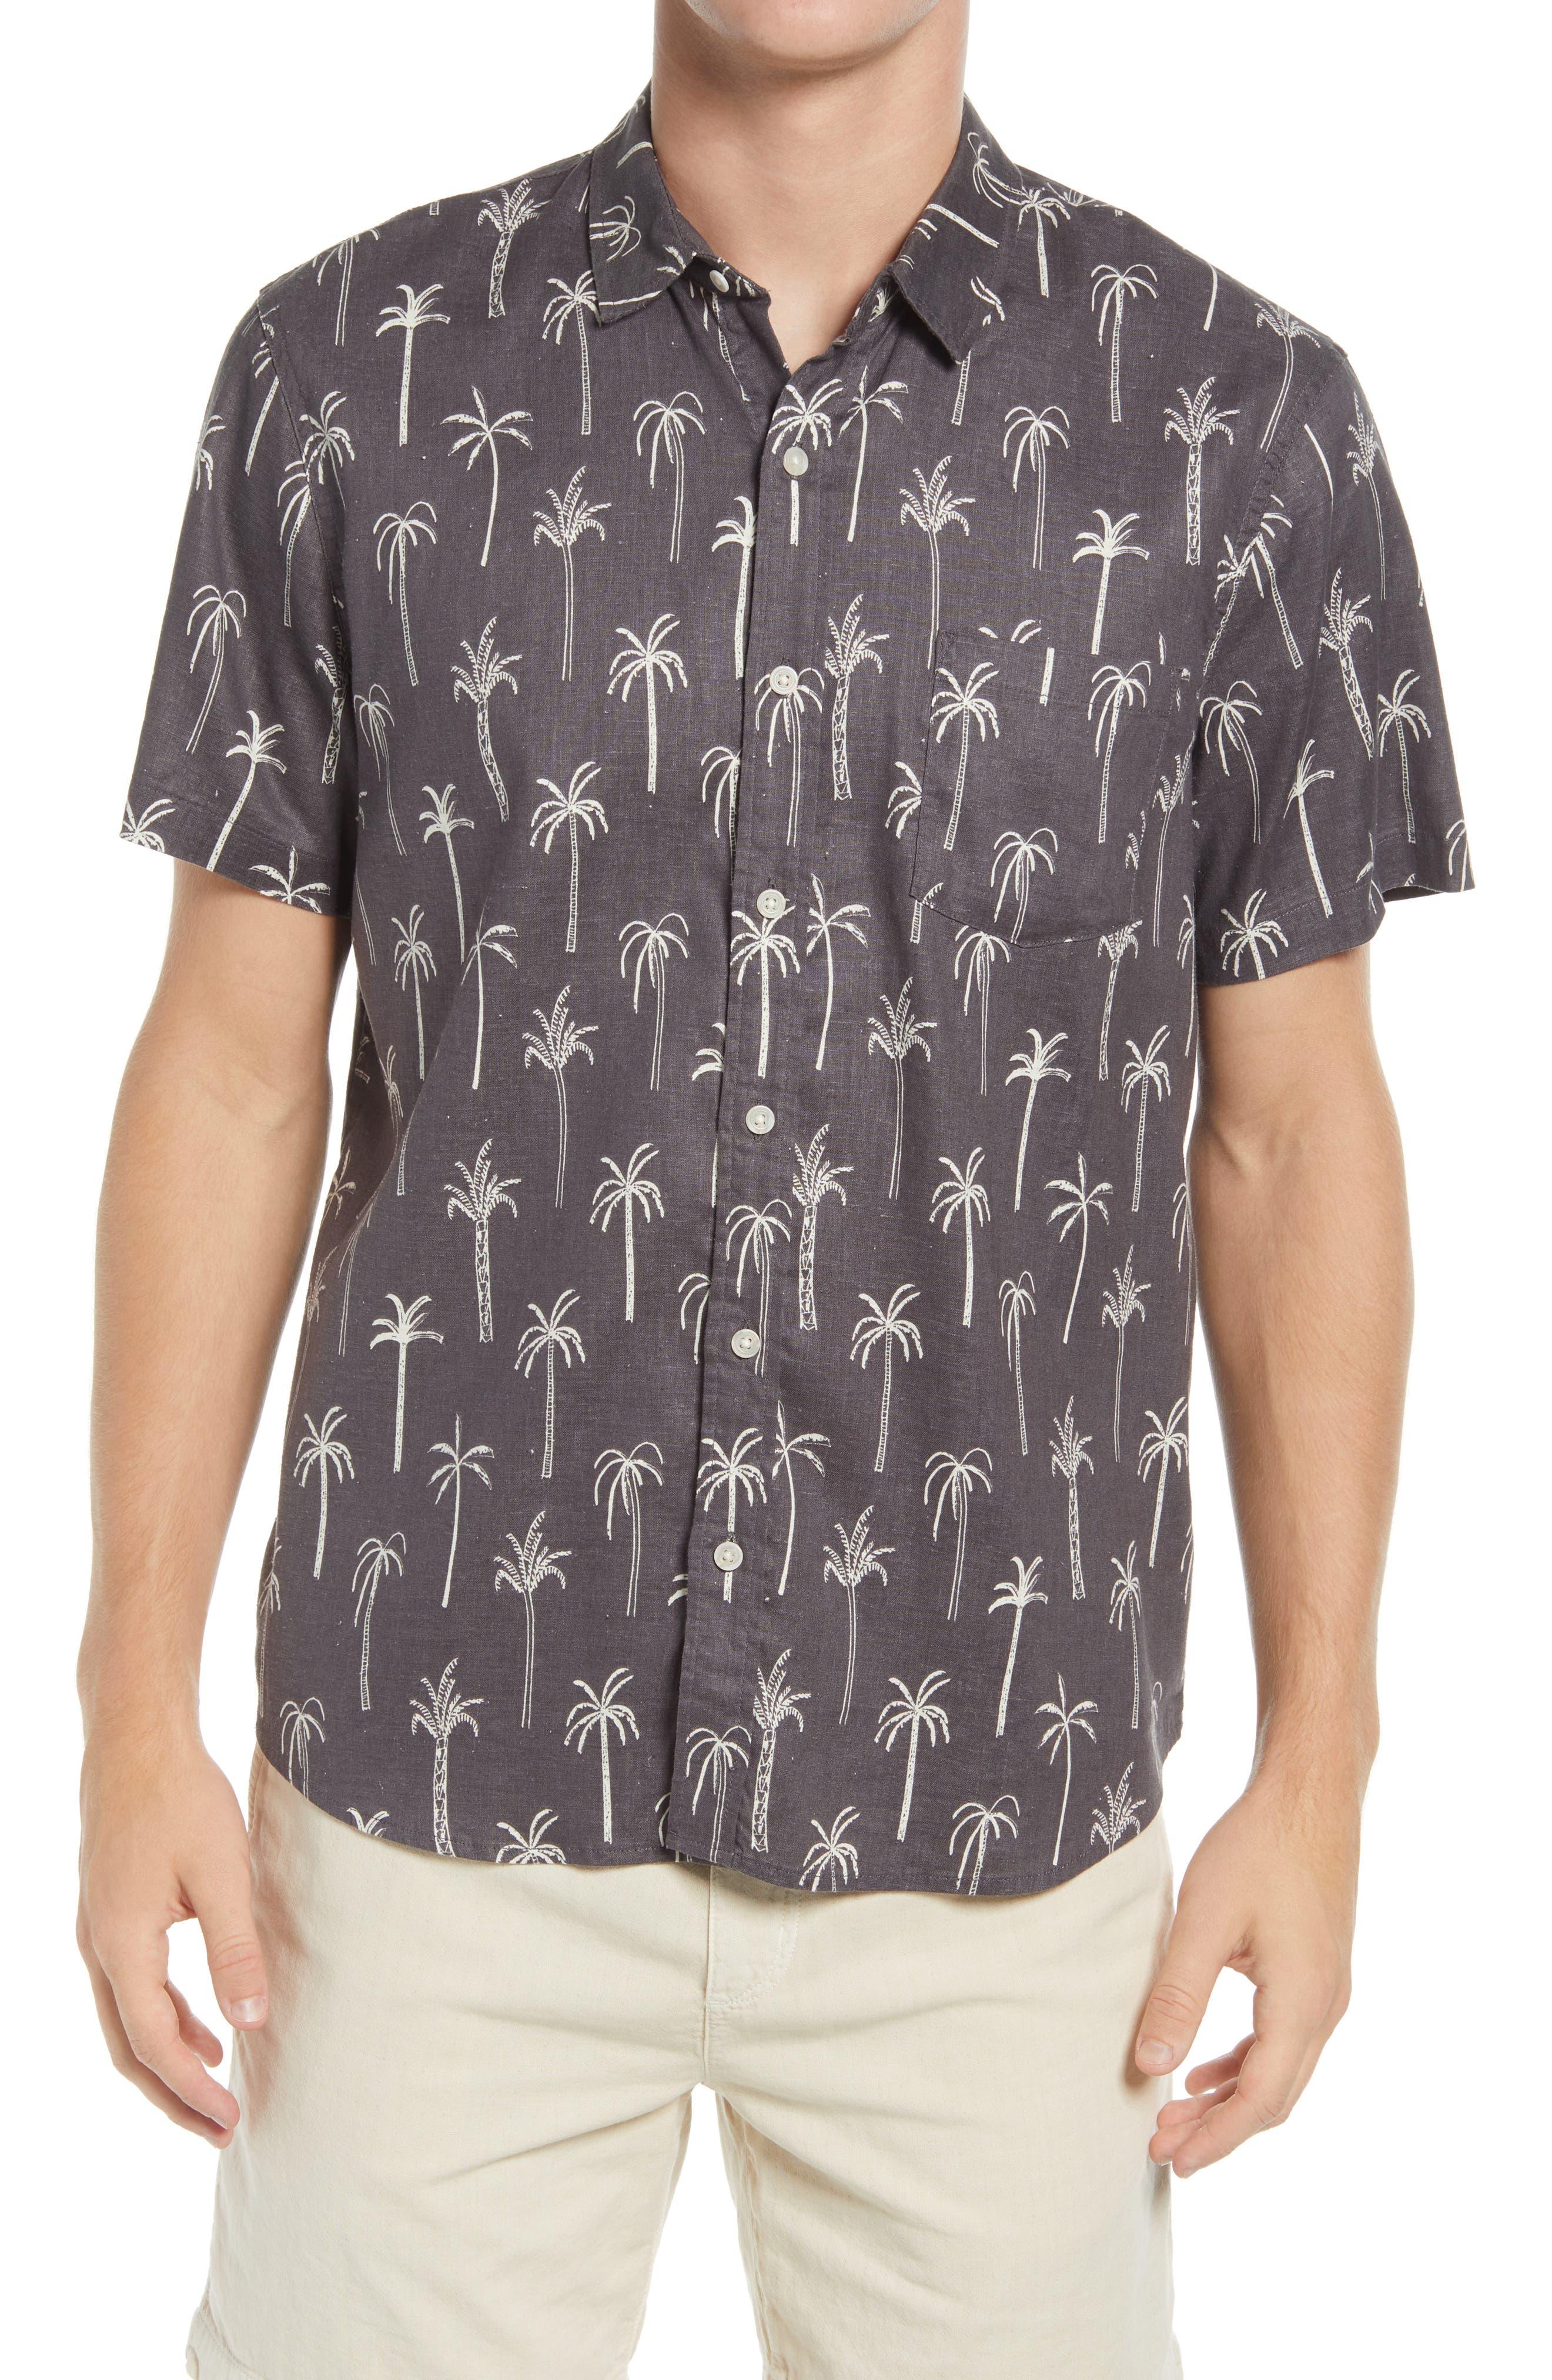 Palm Tree Short Sleeve Button-Up Hemp Blend Shirt